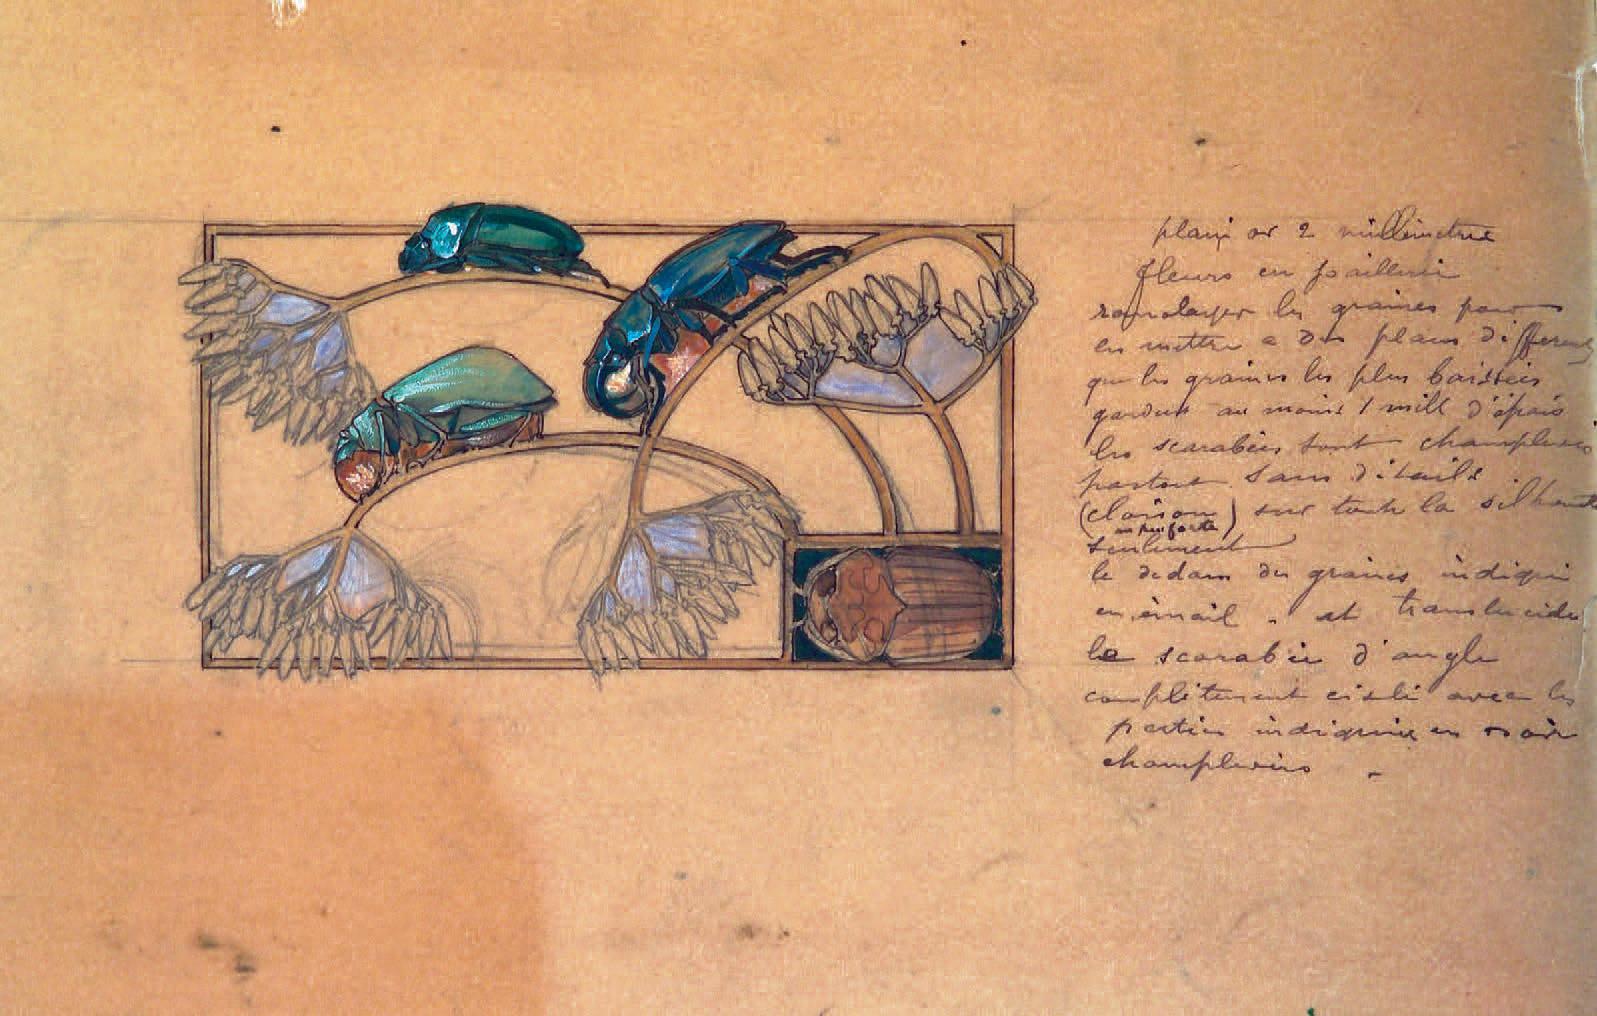 Plaque de collier de chien Scarabées, encre de chine, gouache et aquarelle, annoté par l'artiste.Motif seul : 5 x 9 cm. Support papier : 28 x 22 cm.Pa